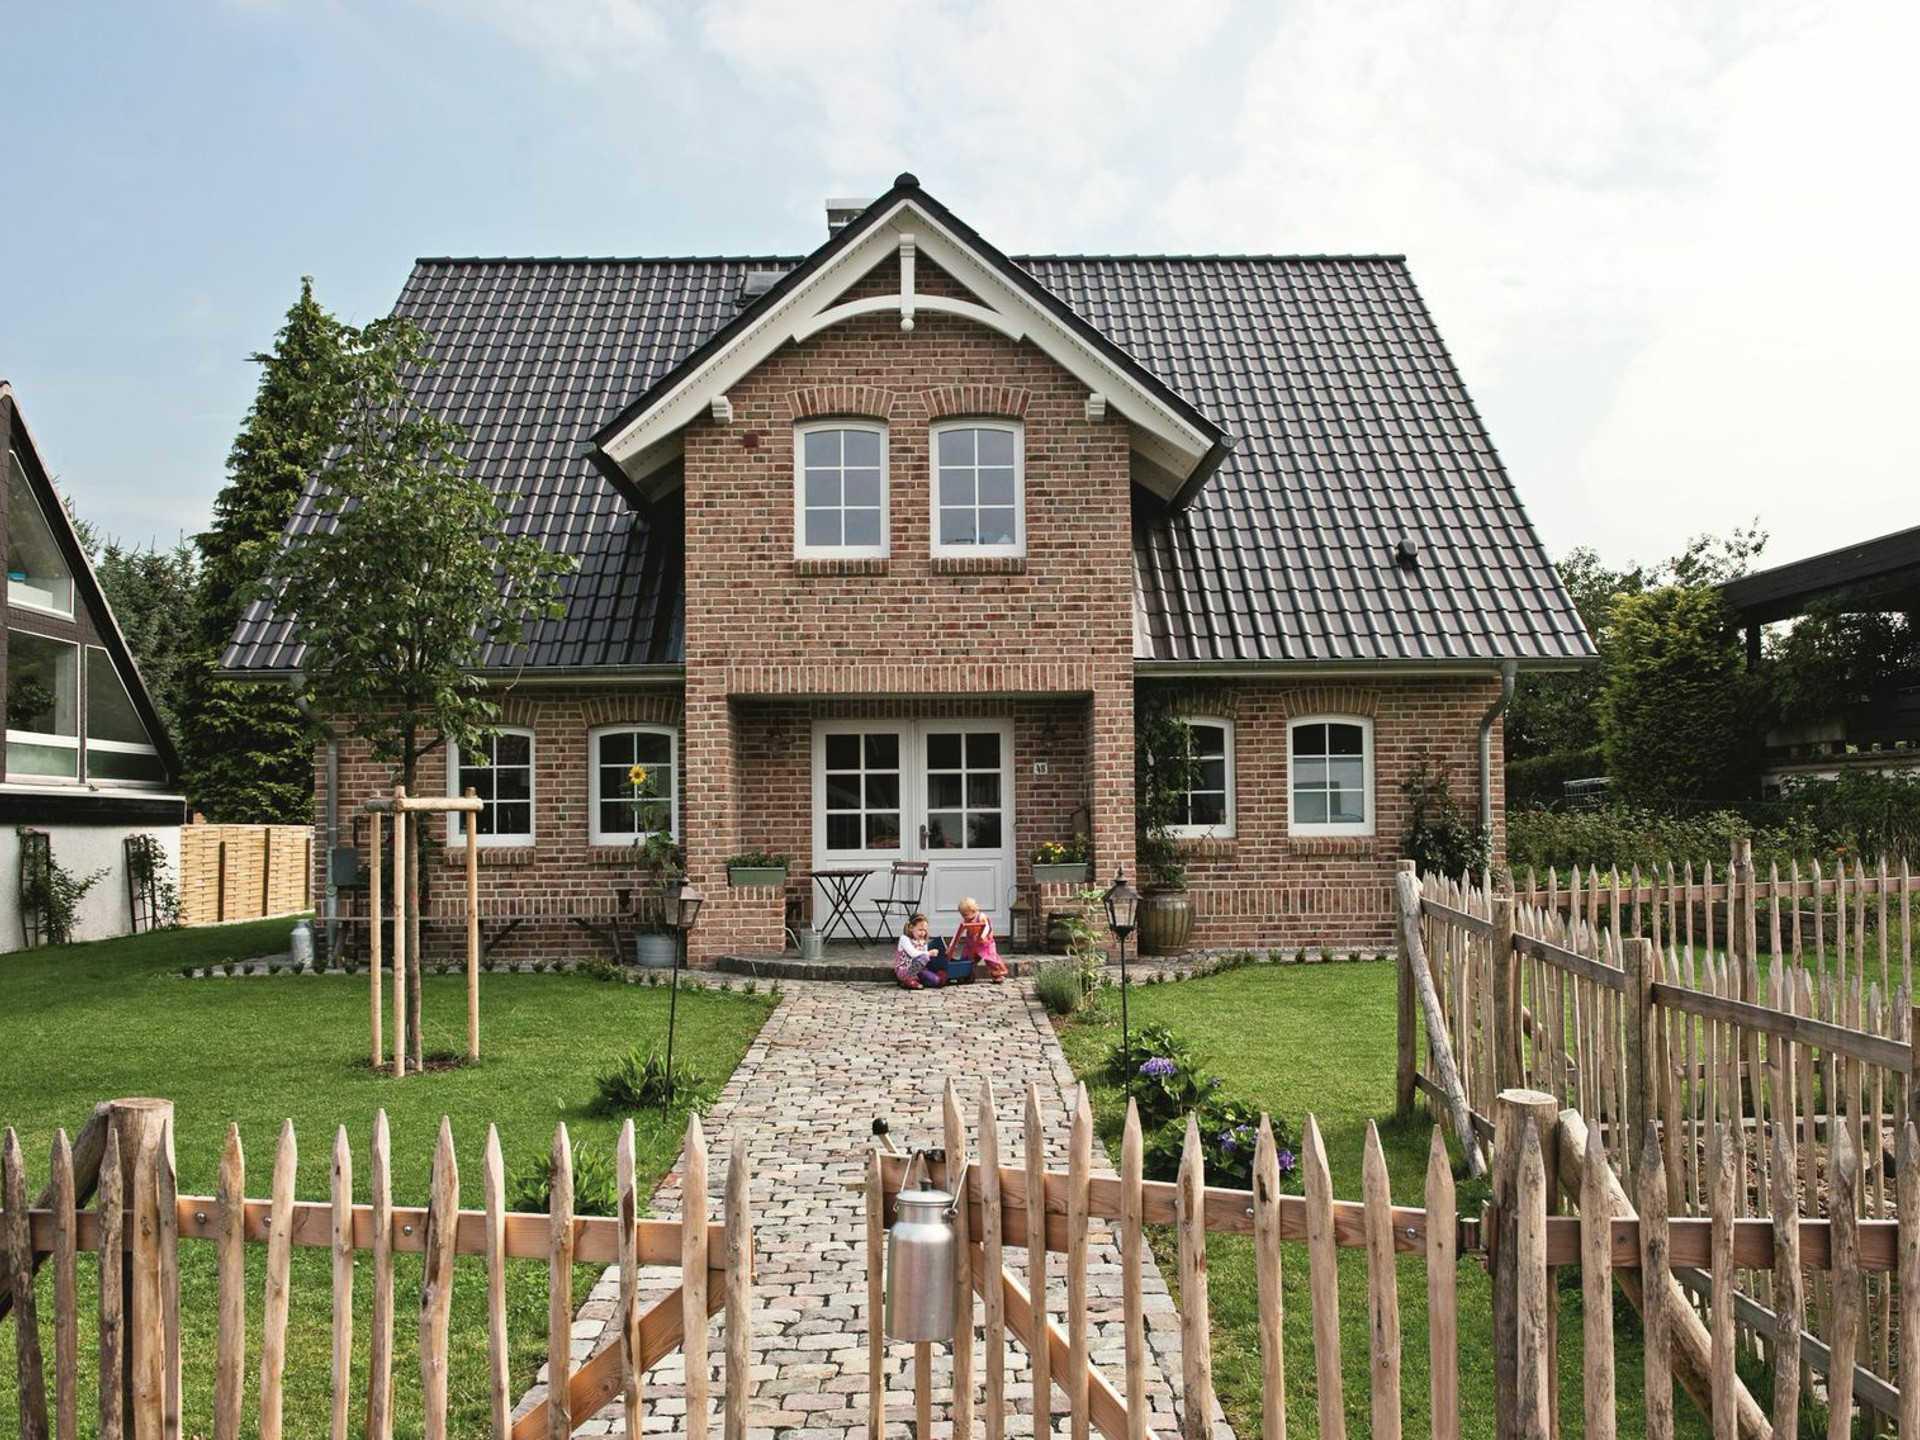 ein Musterhaus von Viebrockhaus, das erwünsche Haus mit Garten und die Kinder vorne